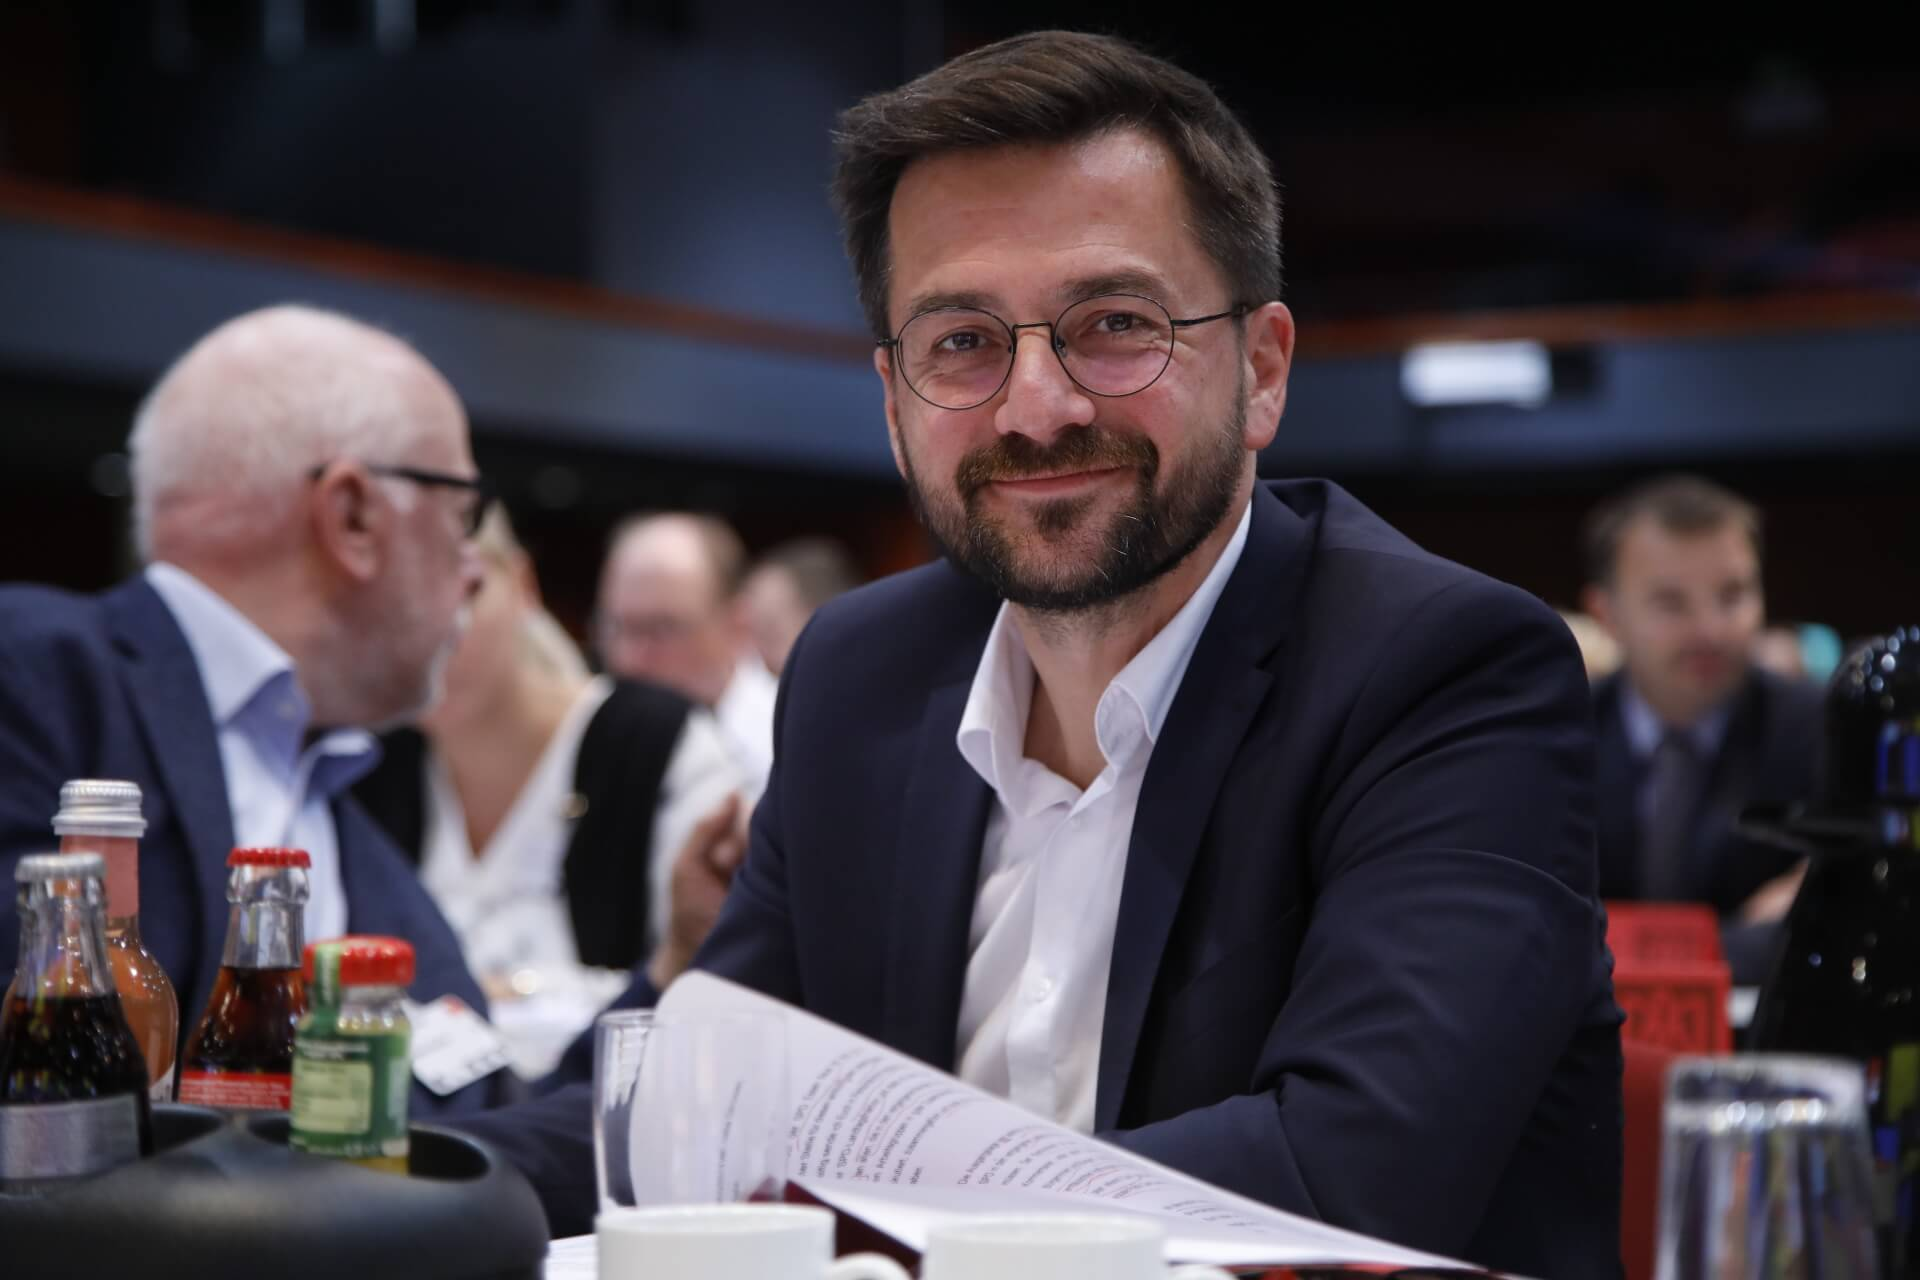 Thomas Kutschaty auf dem außerordentlichen Landesparteitag 2019 in Bochum